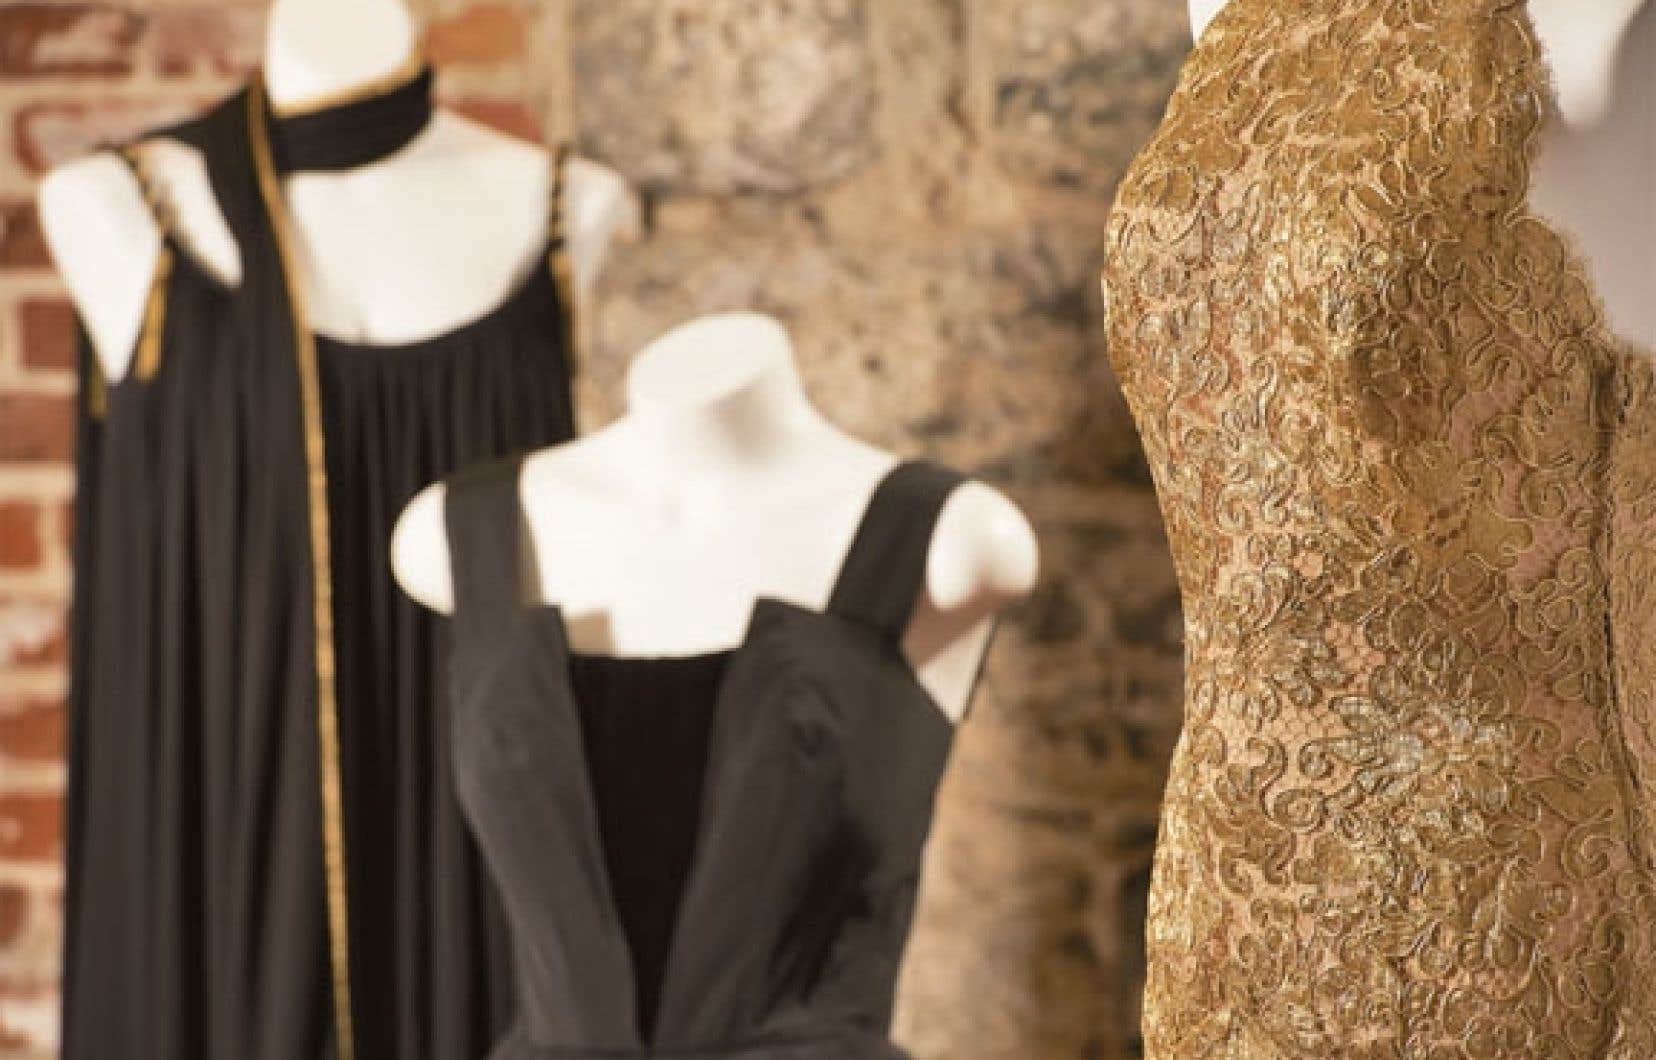 L'exposition inaugurale, Tapis rouge : la mode au musée, s'ouvrira le 19 avril au Marché Bonsecours en mélangeant pièces québécoises et créateurs iconiques, dont Christian Dior.